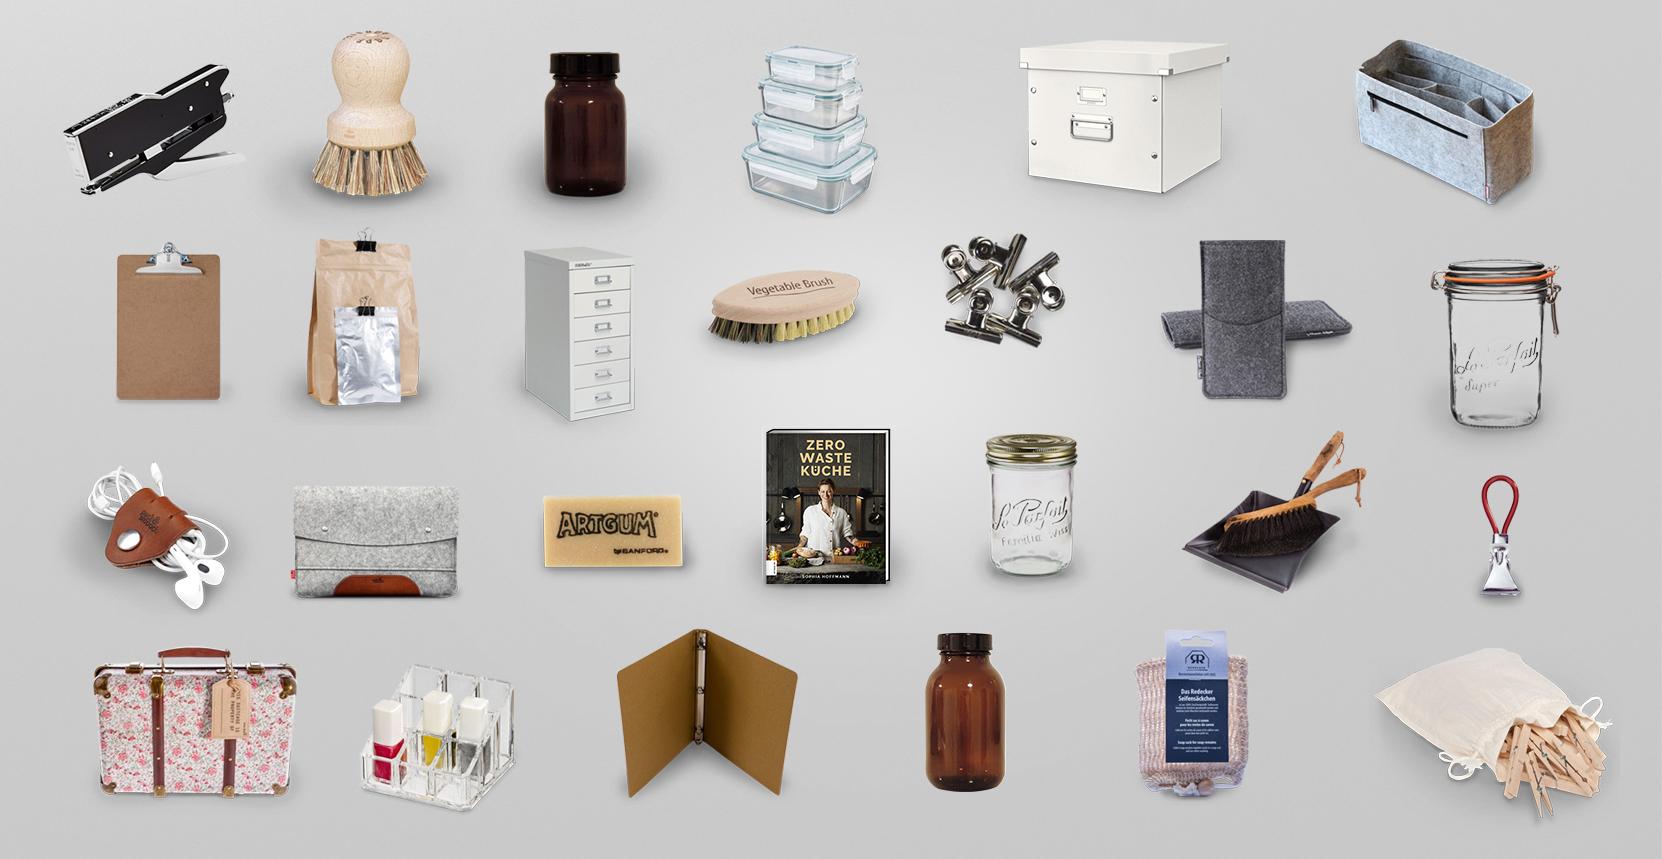 Store Professional Organizing - Laden der Dinge